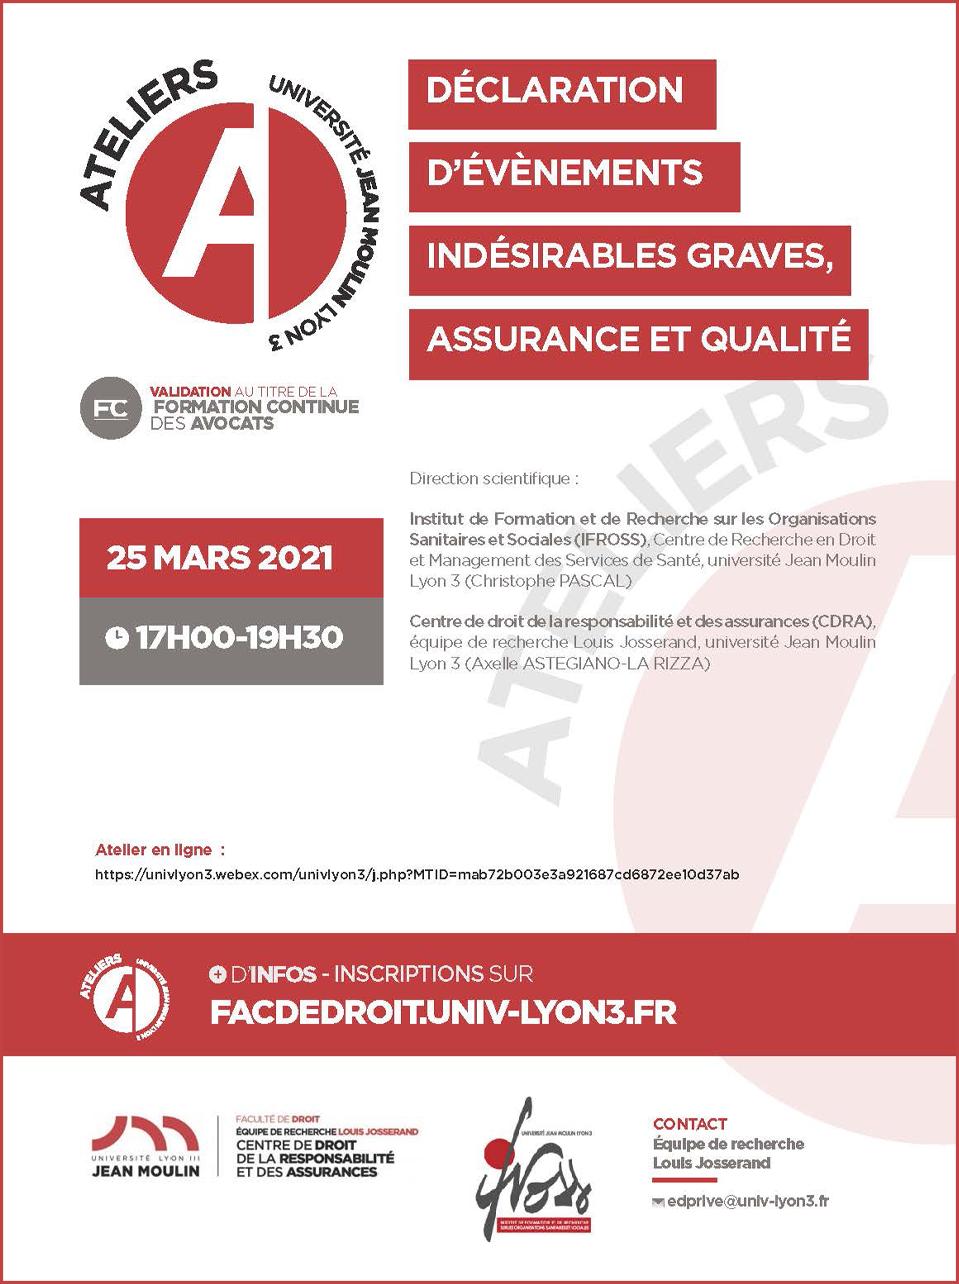 AFFICHE_atelier du 25 mars 2021_AAstegiano-La Rizza_VF.jpg